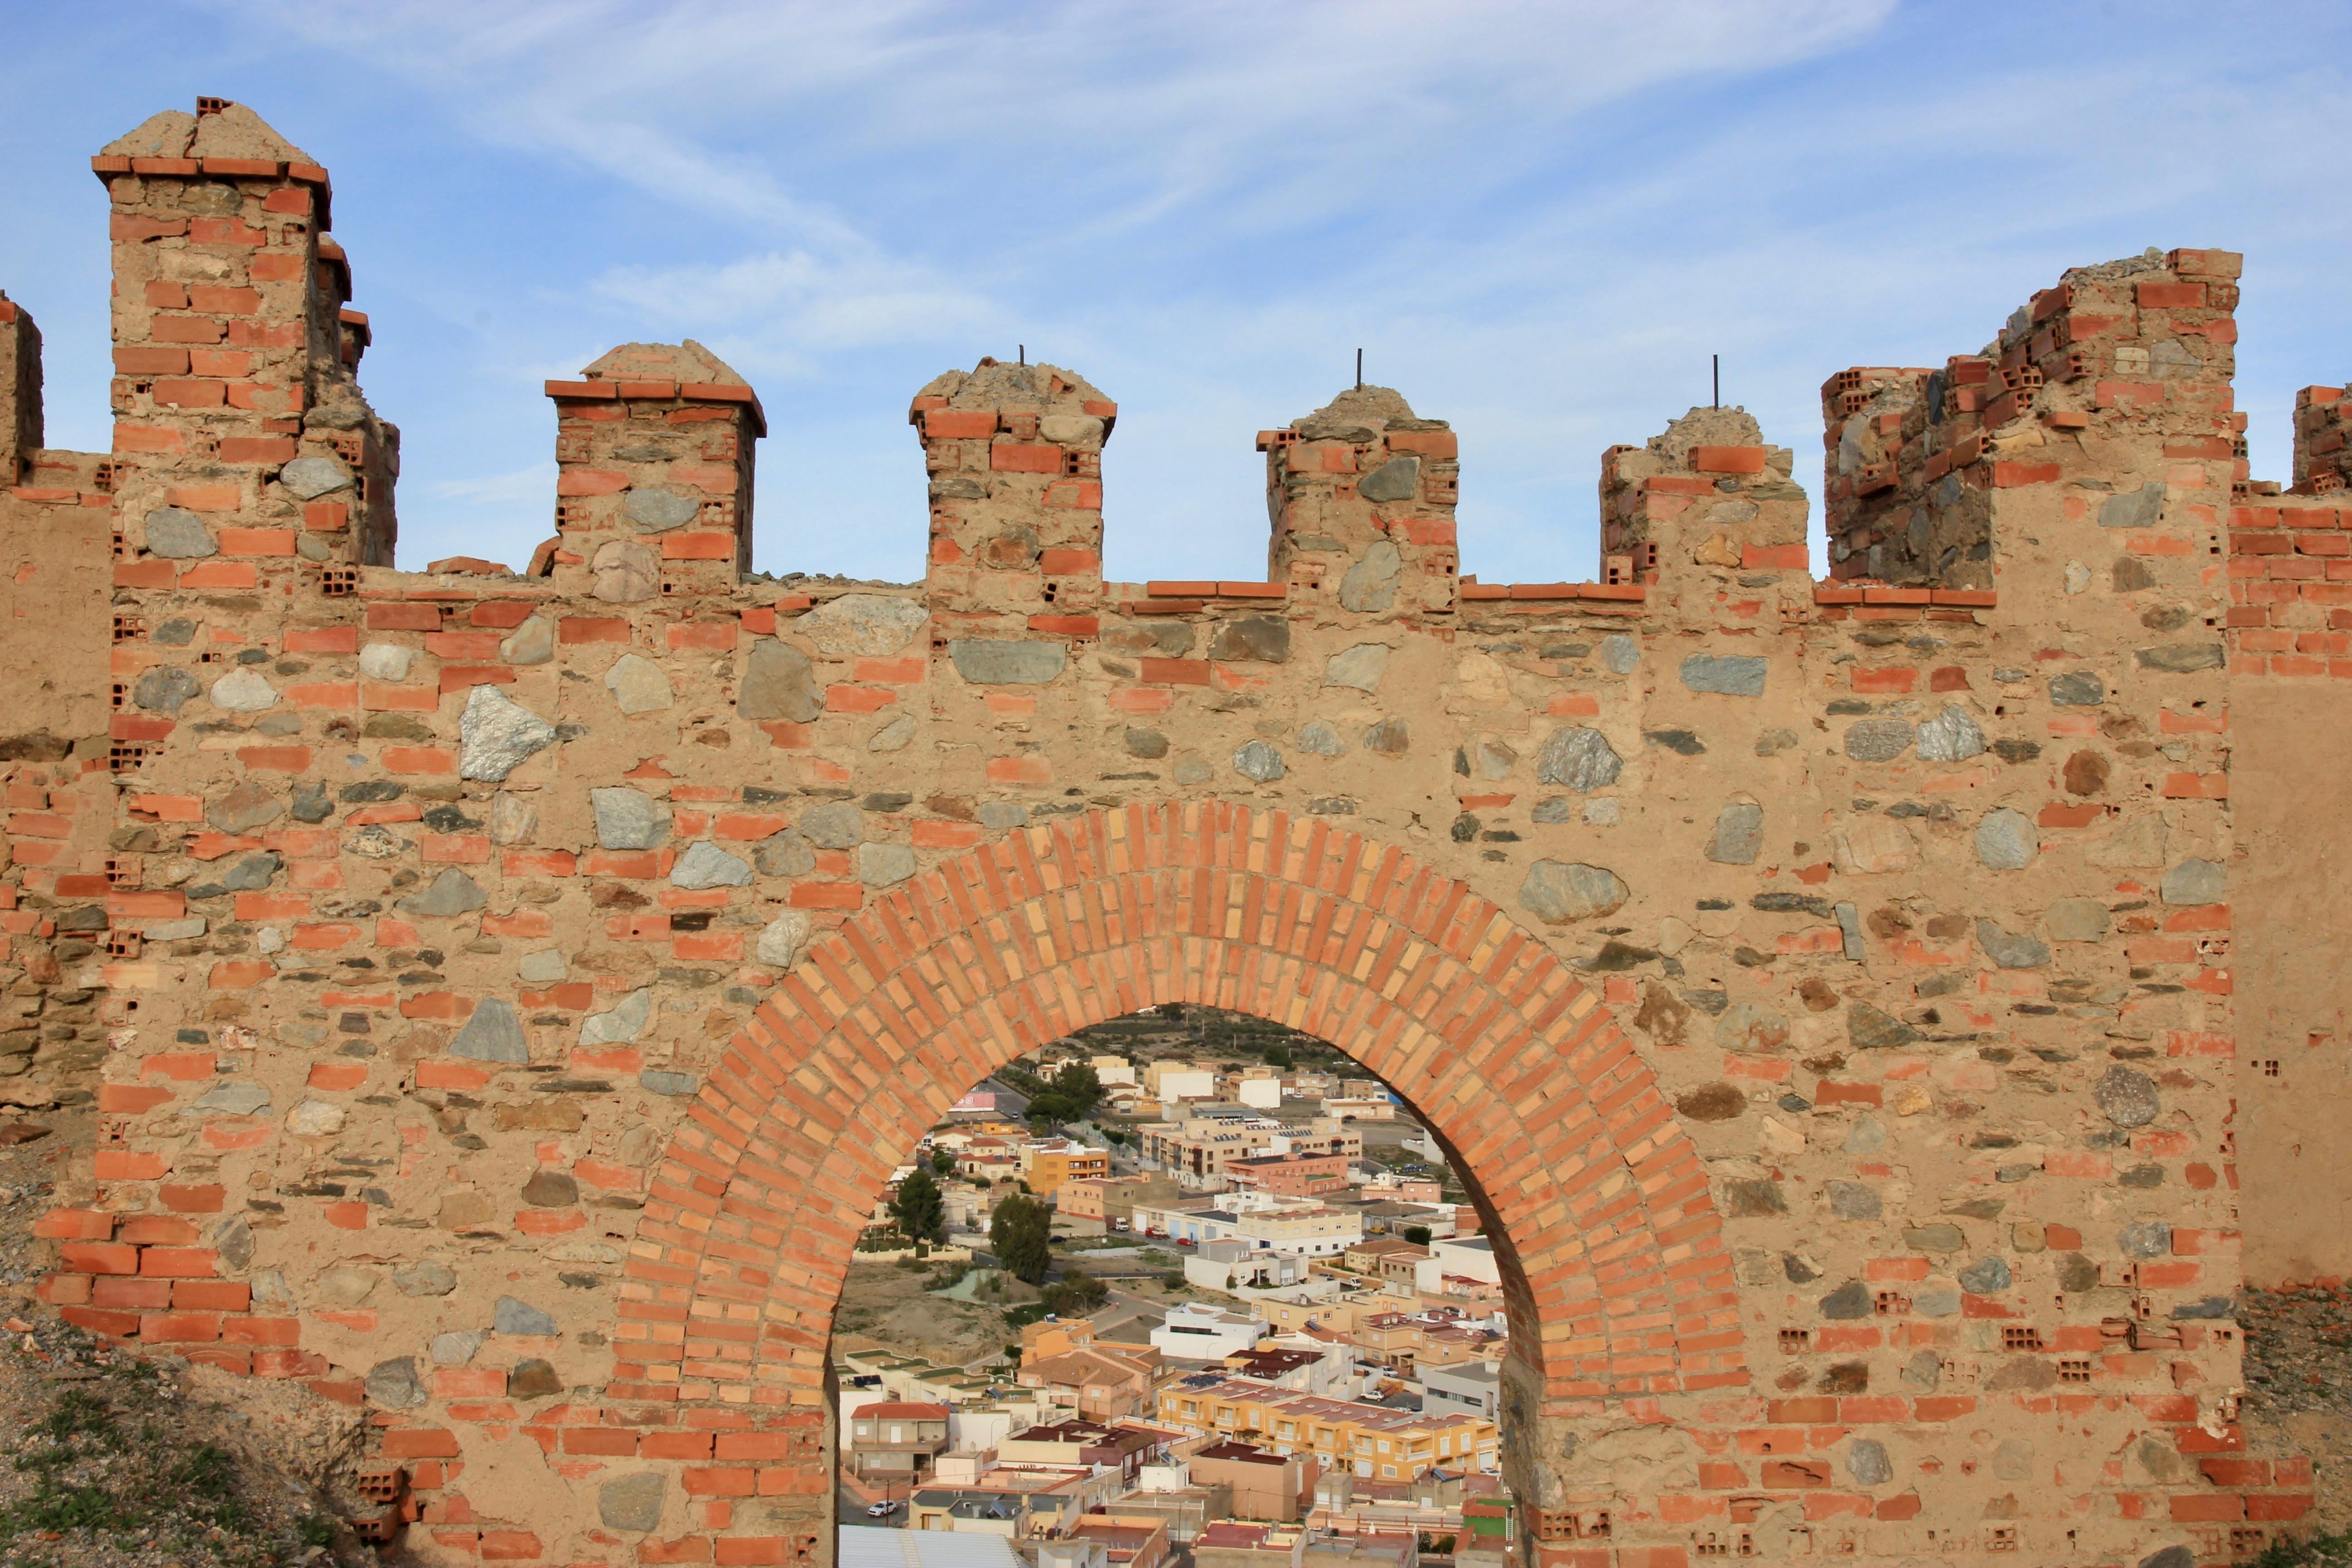 Castello arabo, Tabernas